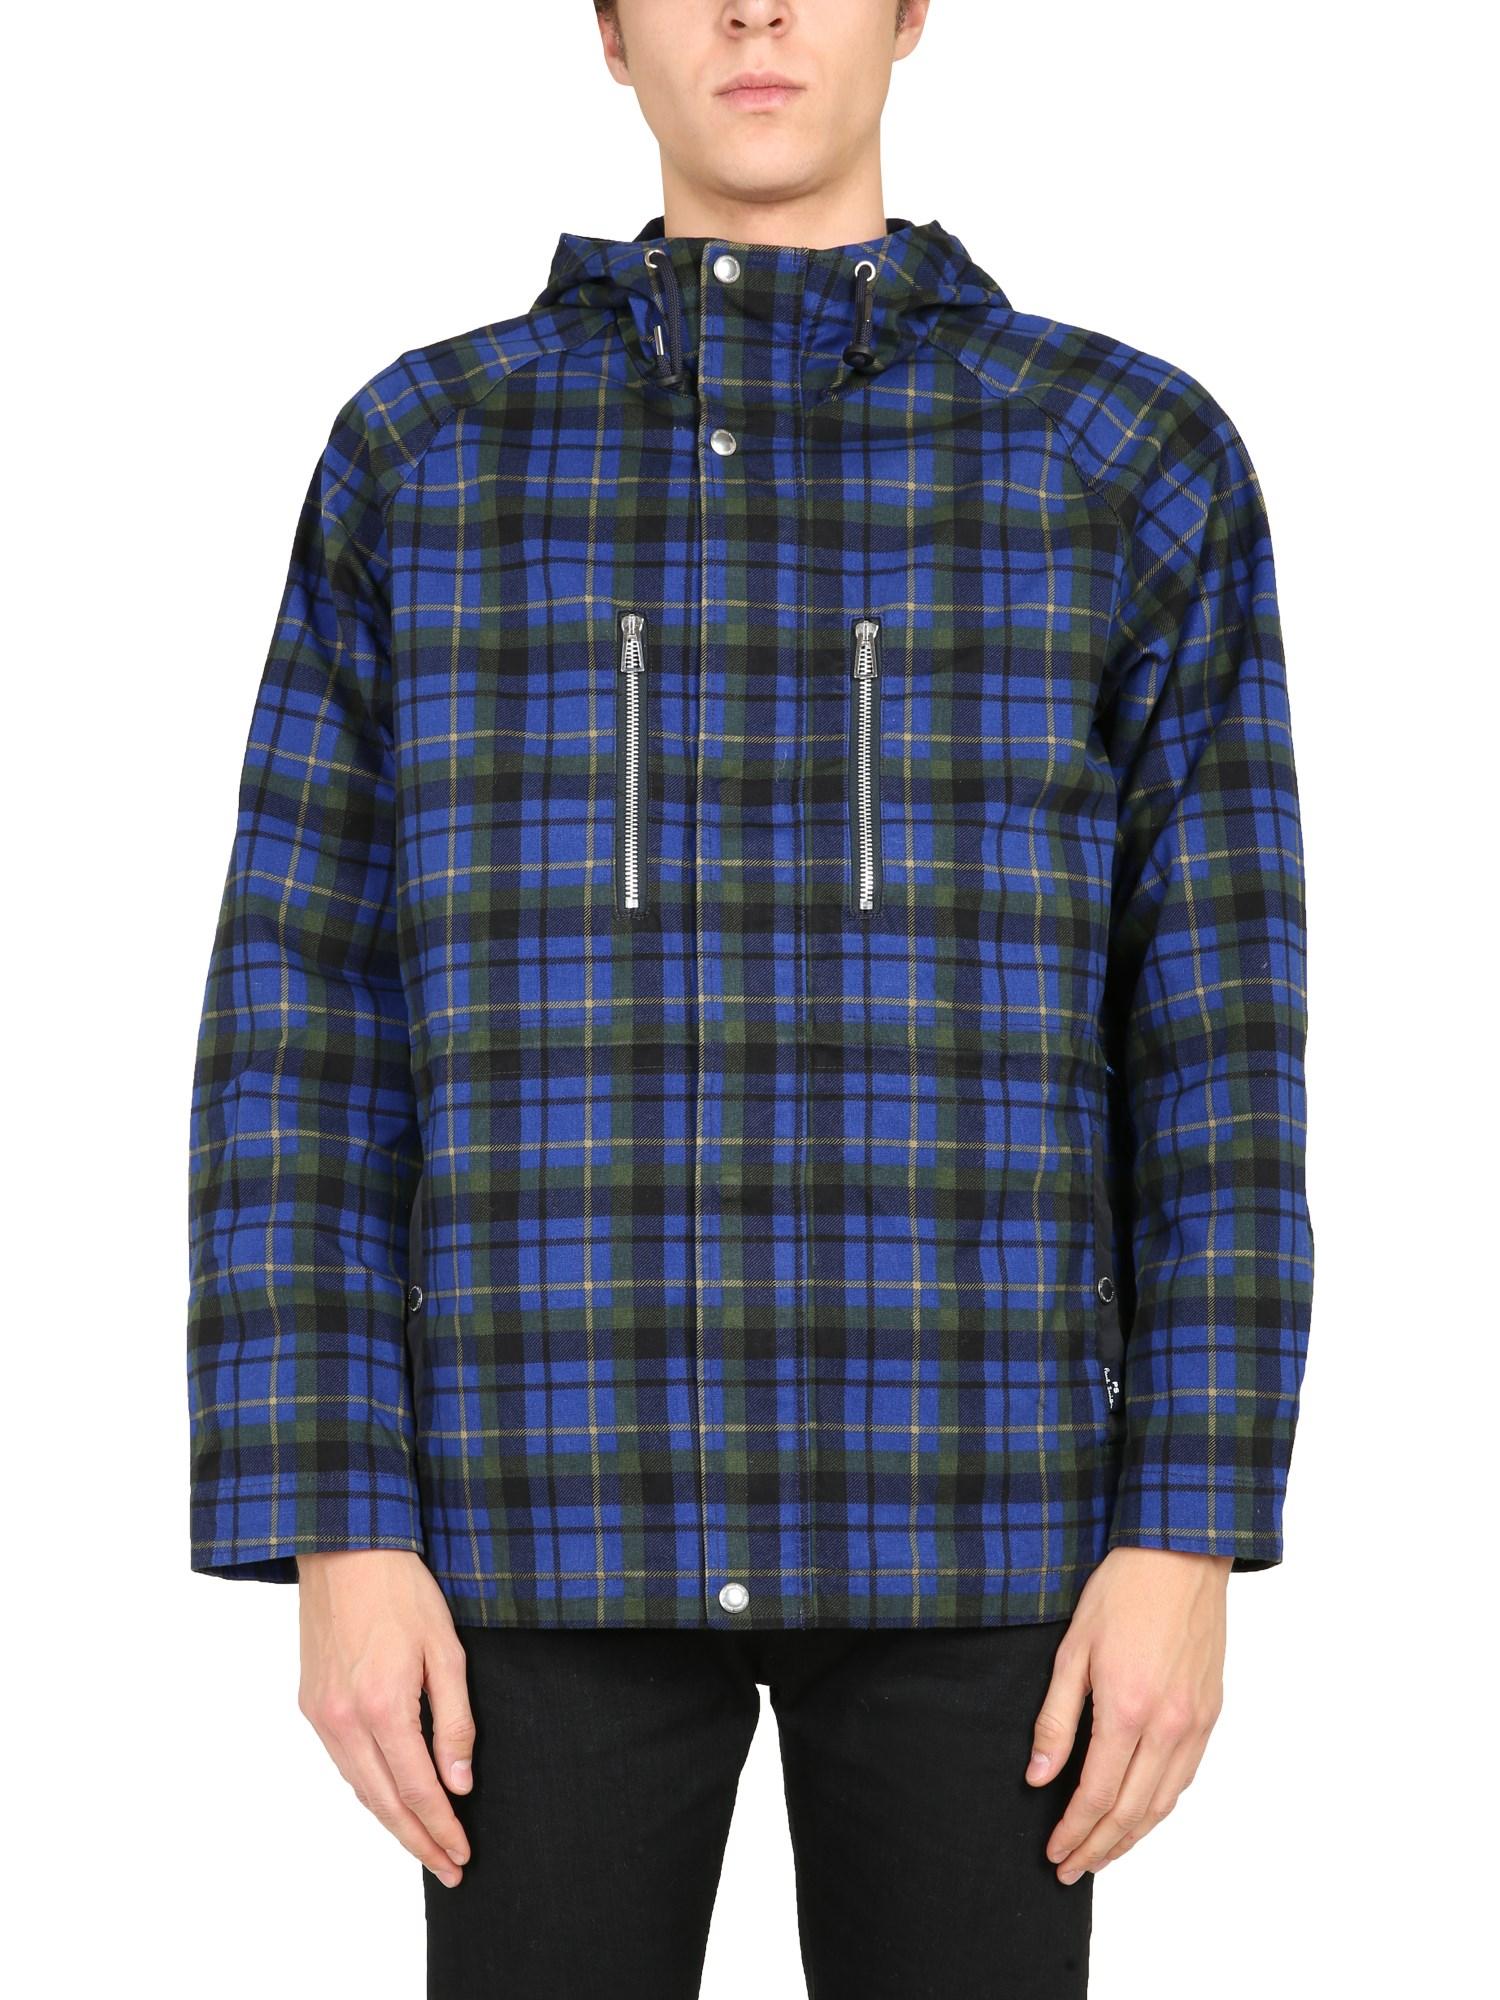 Ps by paul smith hooded jacket - ps by paul smith - Modalova